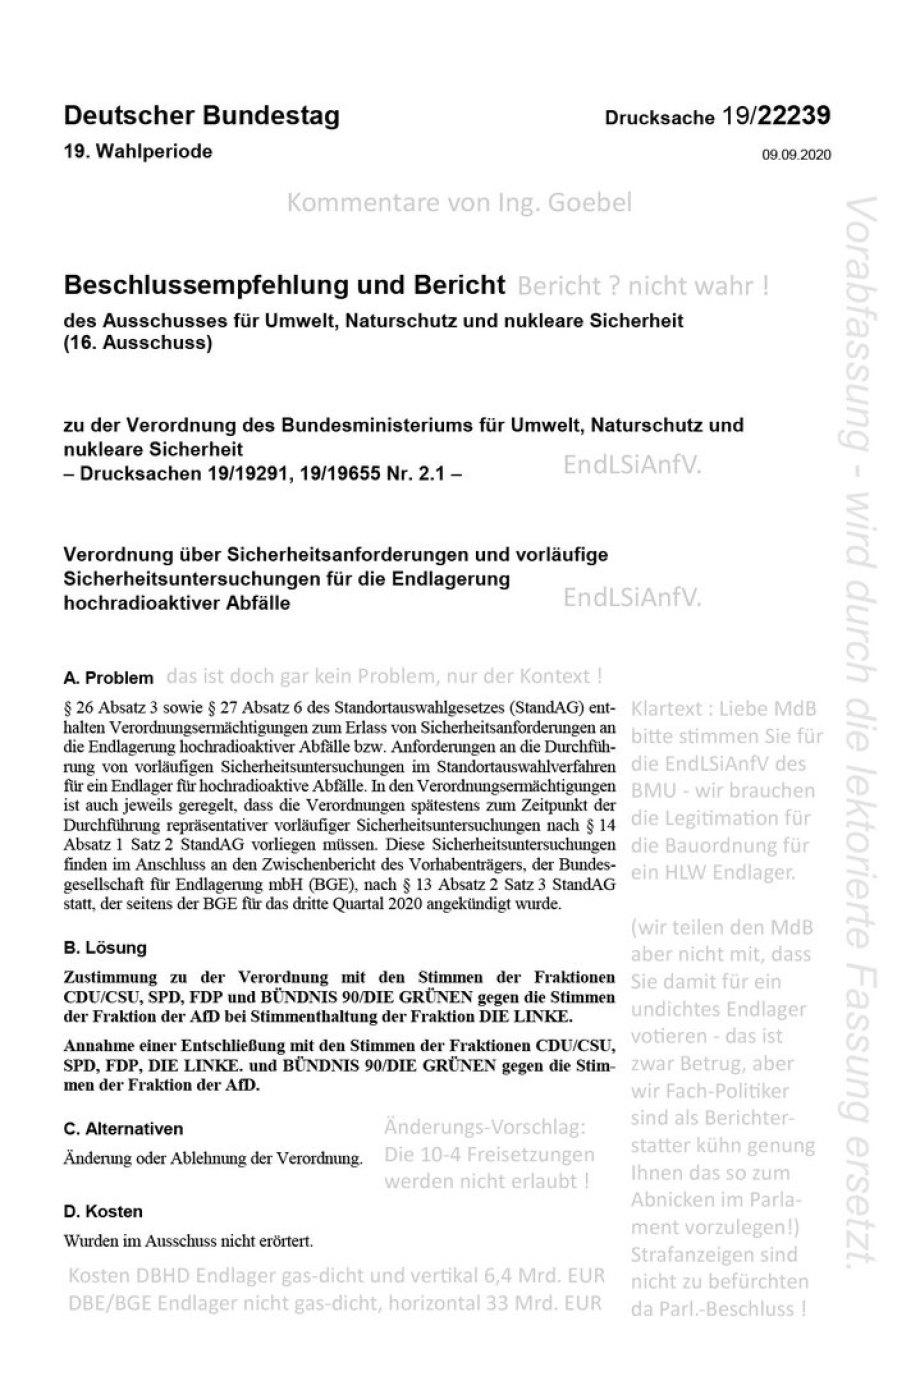 >>> Die Berichterstatter im Umwelt-Ausschuss belügen MdB Kollegen - #BerichtErstatter #UmweltAusschuss #Bundestag #EndlagerSicherheitsAnforderungsVerordnung #Freisetzungen